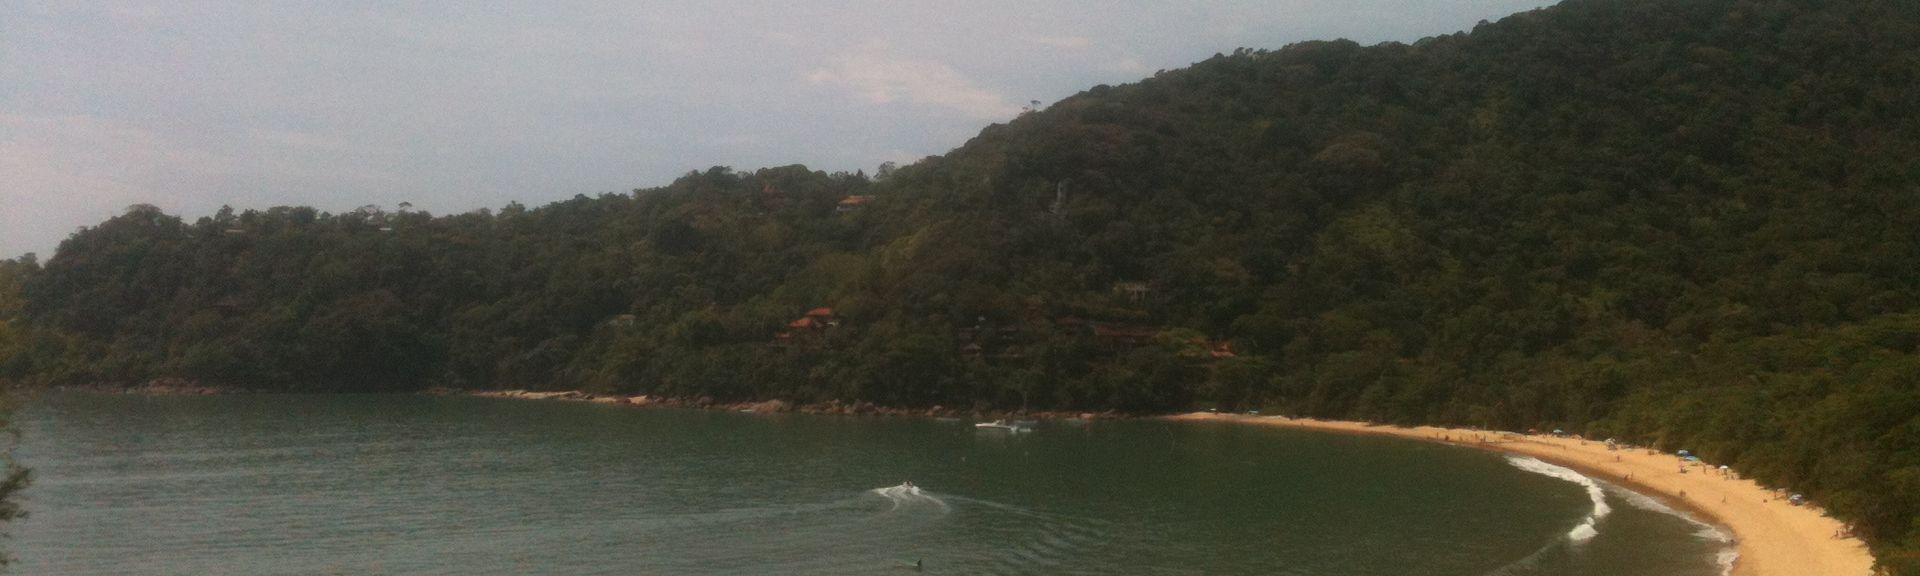 Lagoinha, Ubatuba, Região Sudeste, Brasil